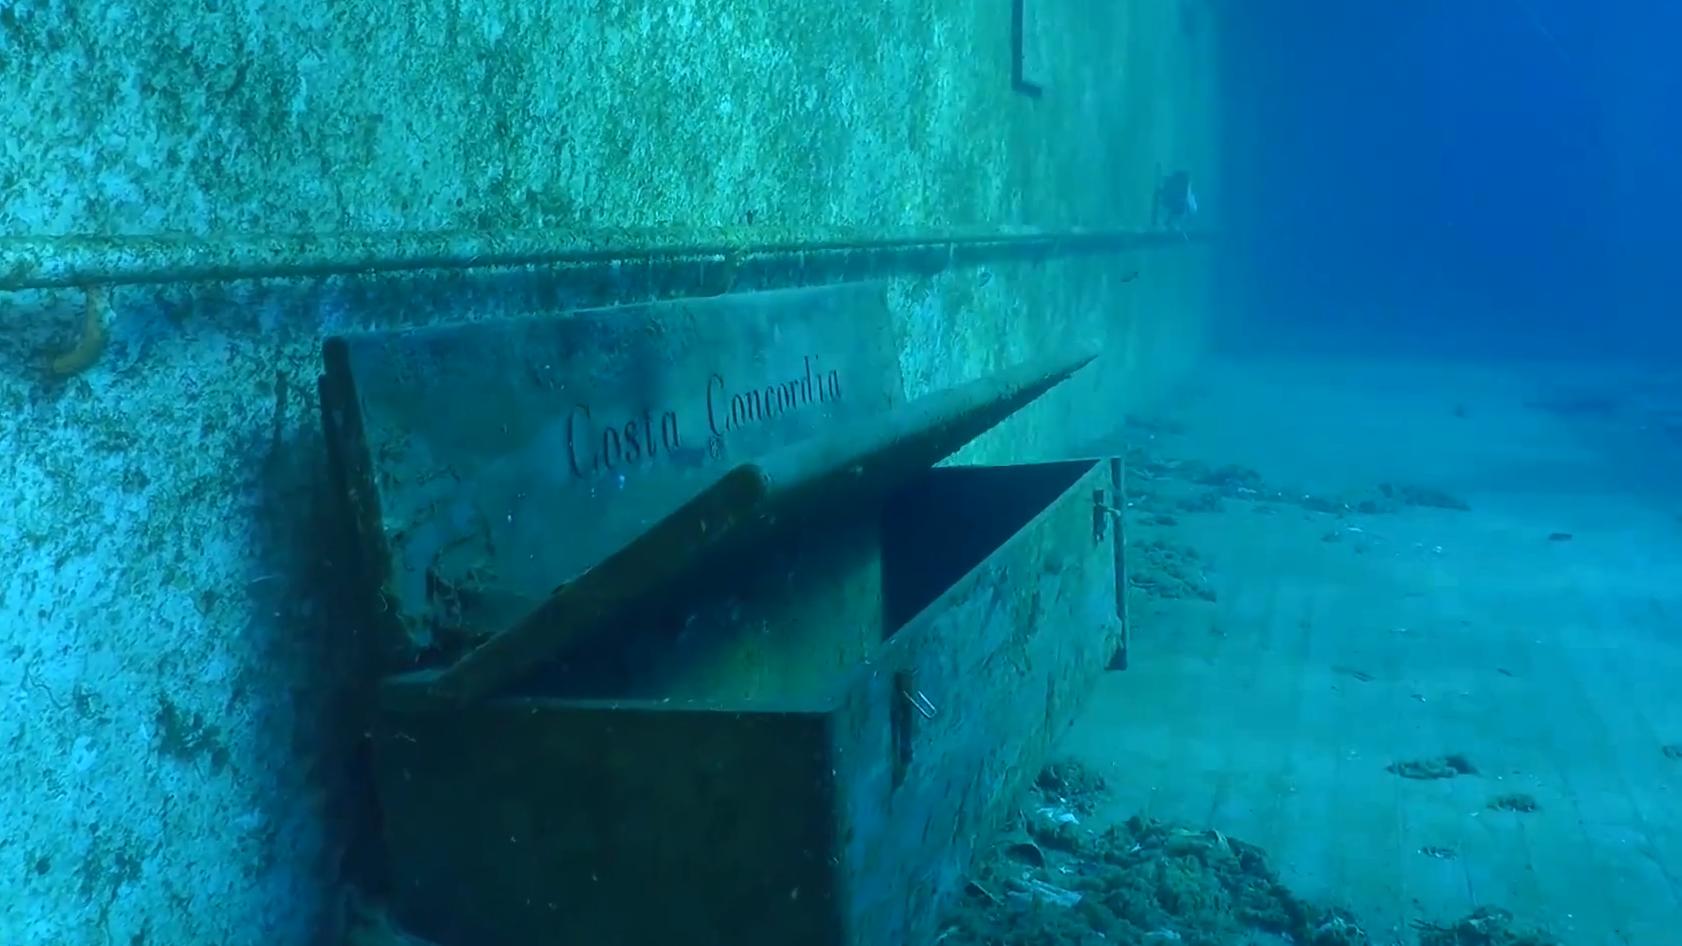 É assim que o Costa Concordia, cruzeiro que naufragou em 2012, está hoje